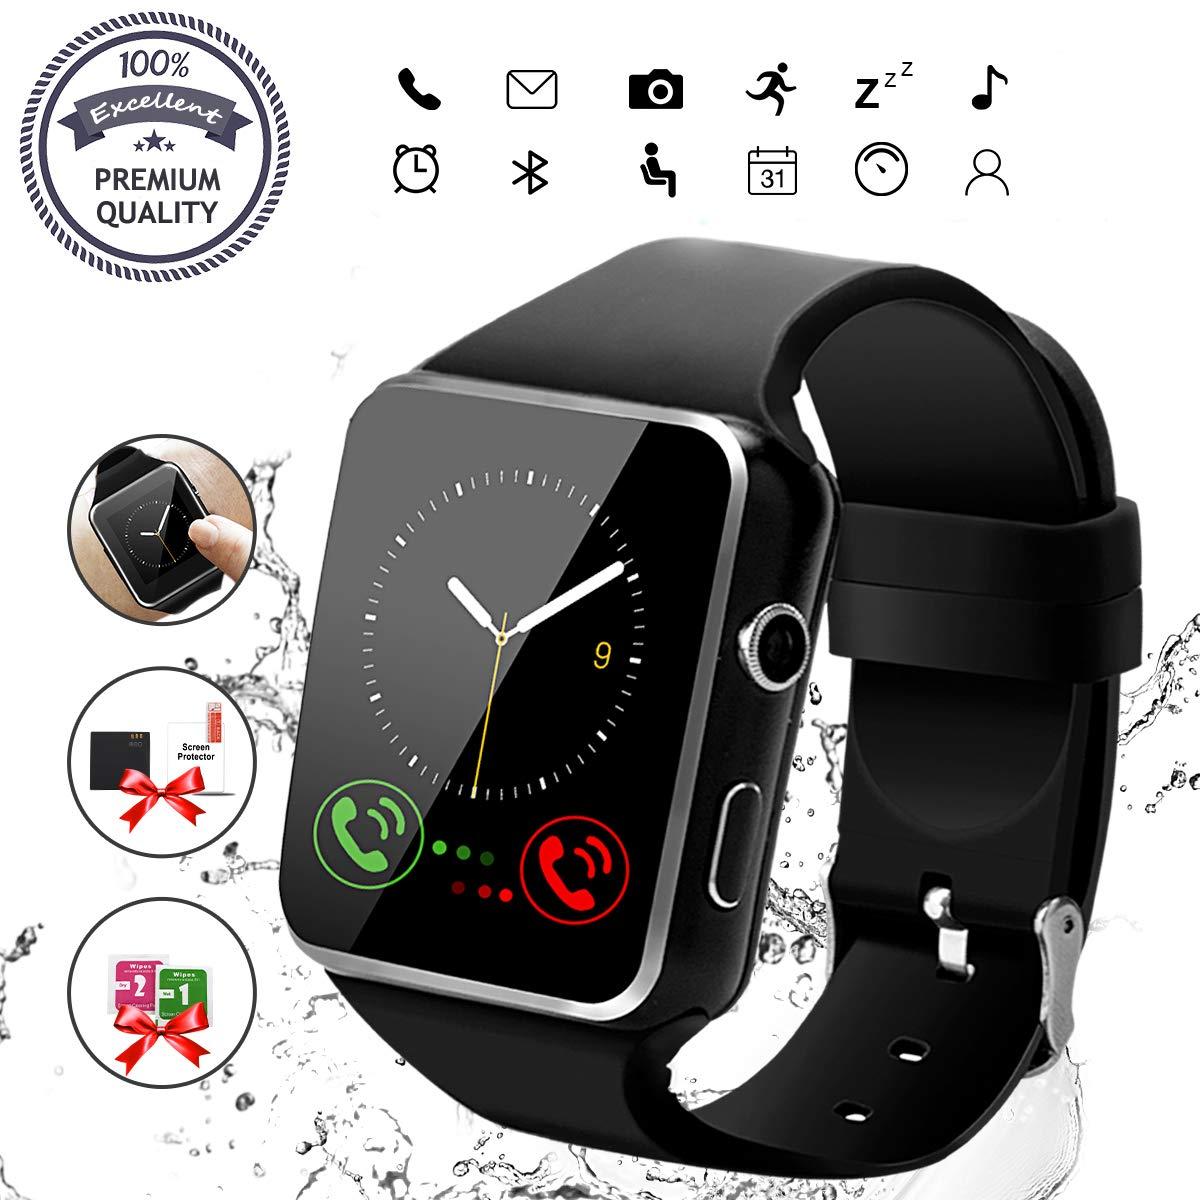 Where do I Get a Sim Card for My Smartwatch